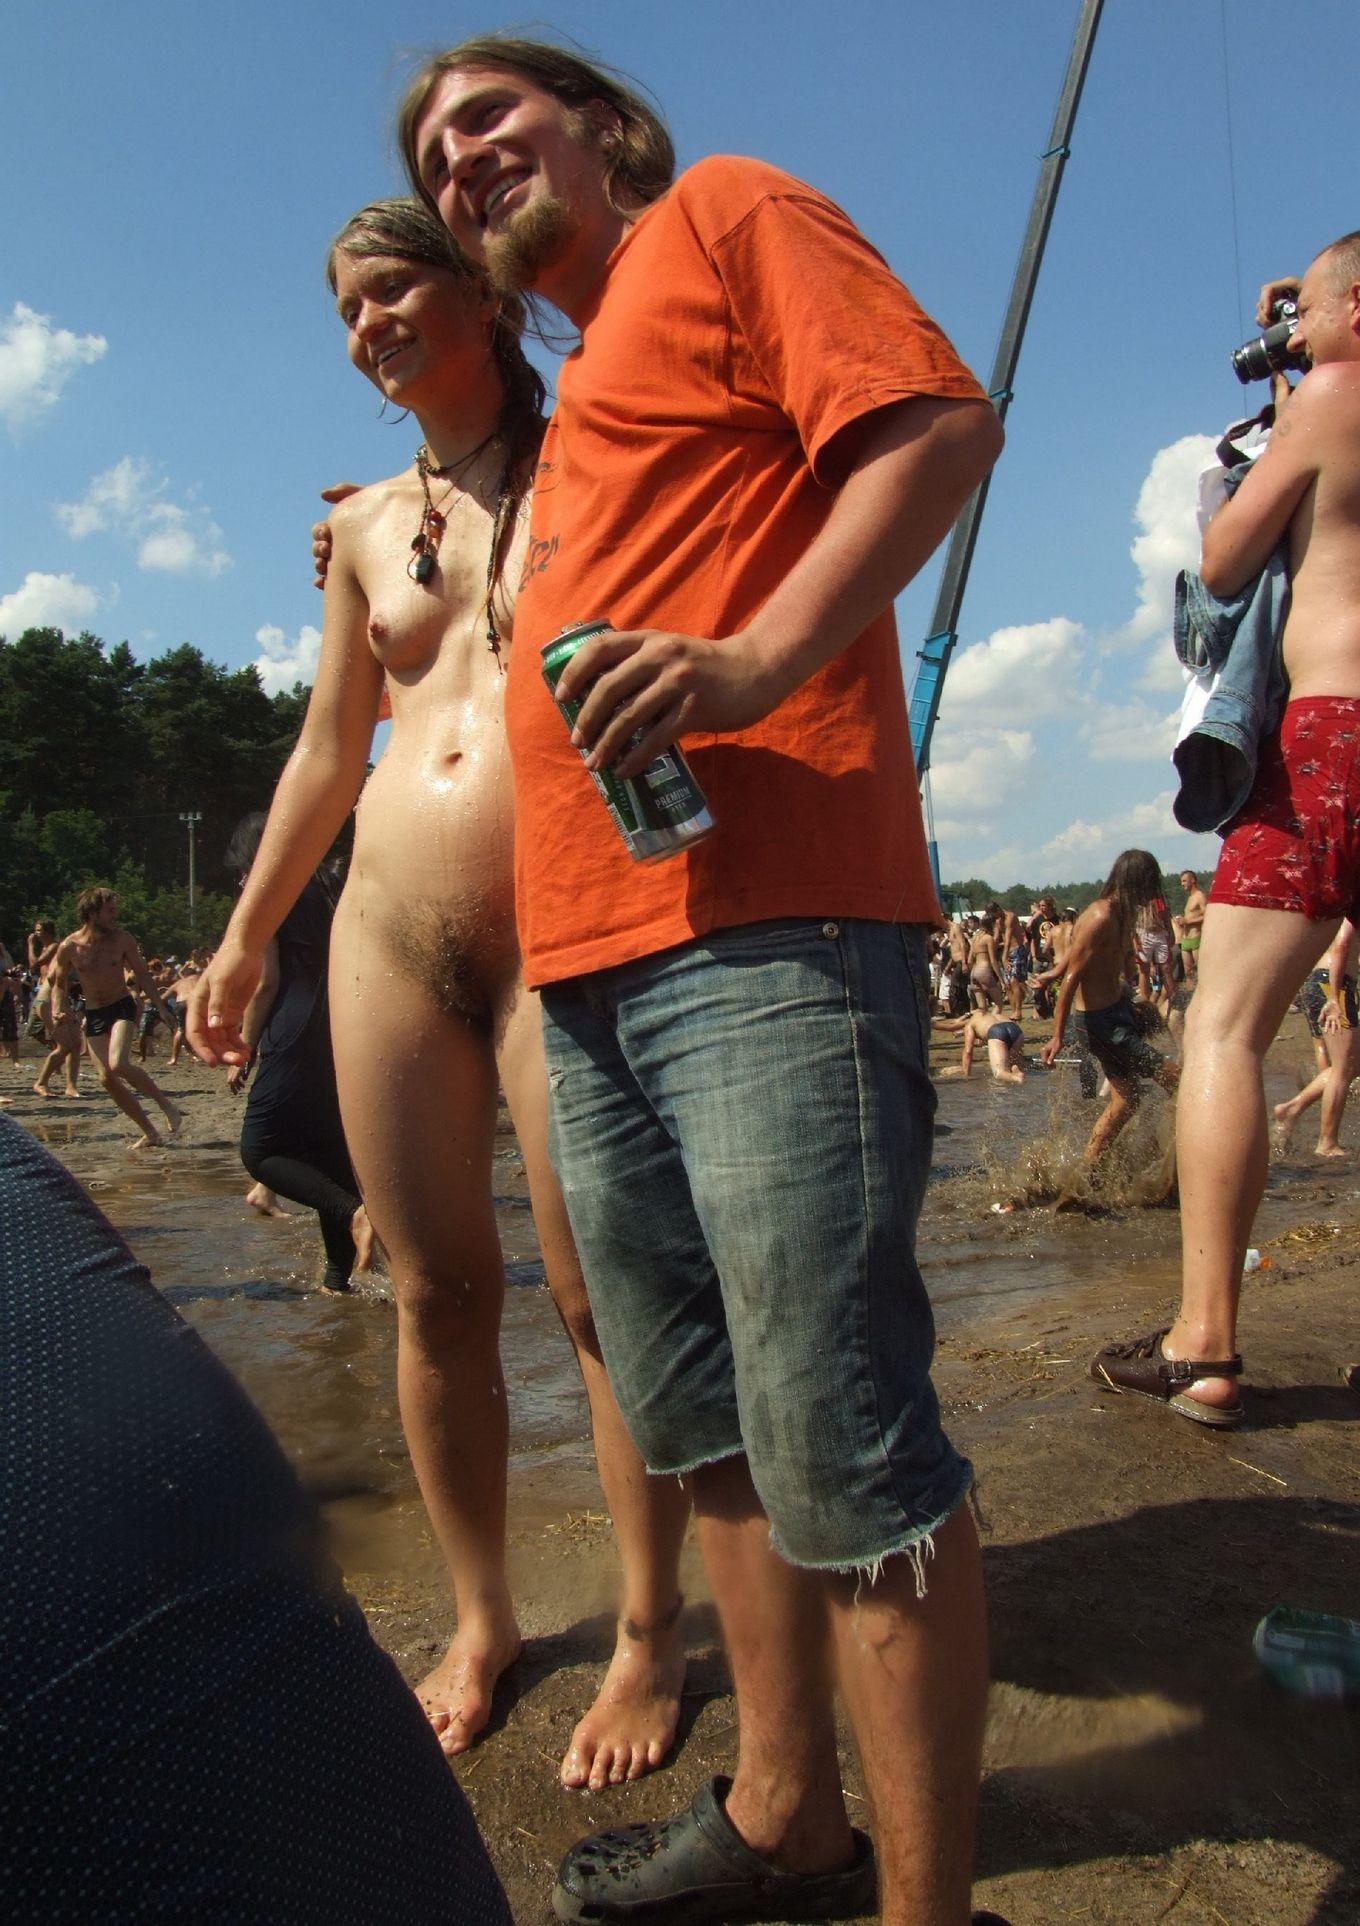 Подборка фото нудистов на берегу моря с обнаженными телами, жопами и сисяндрами